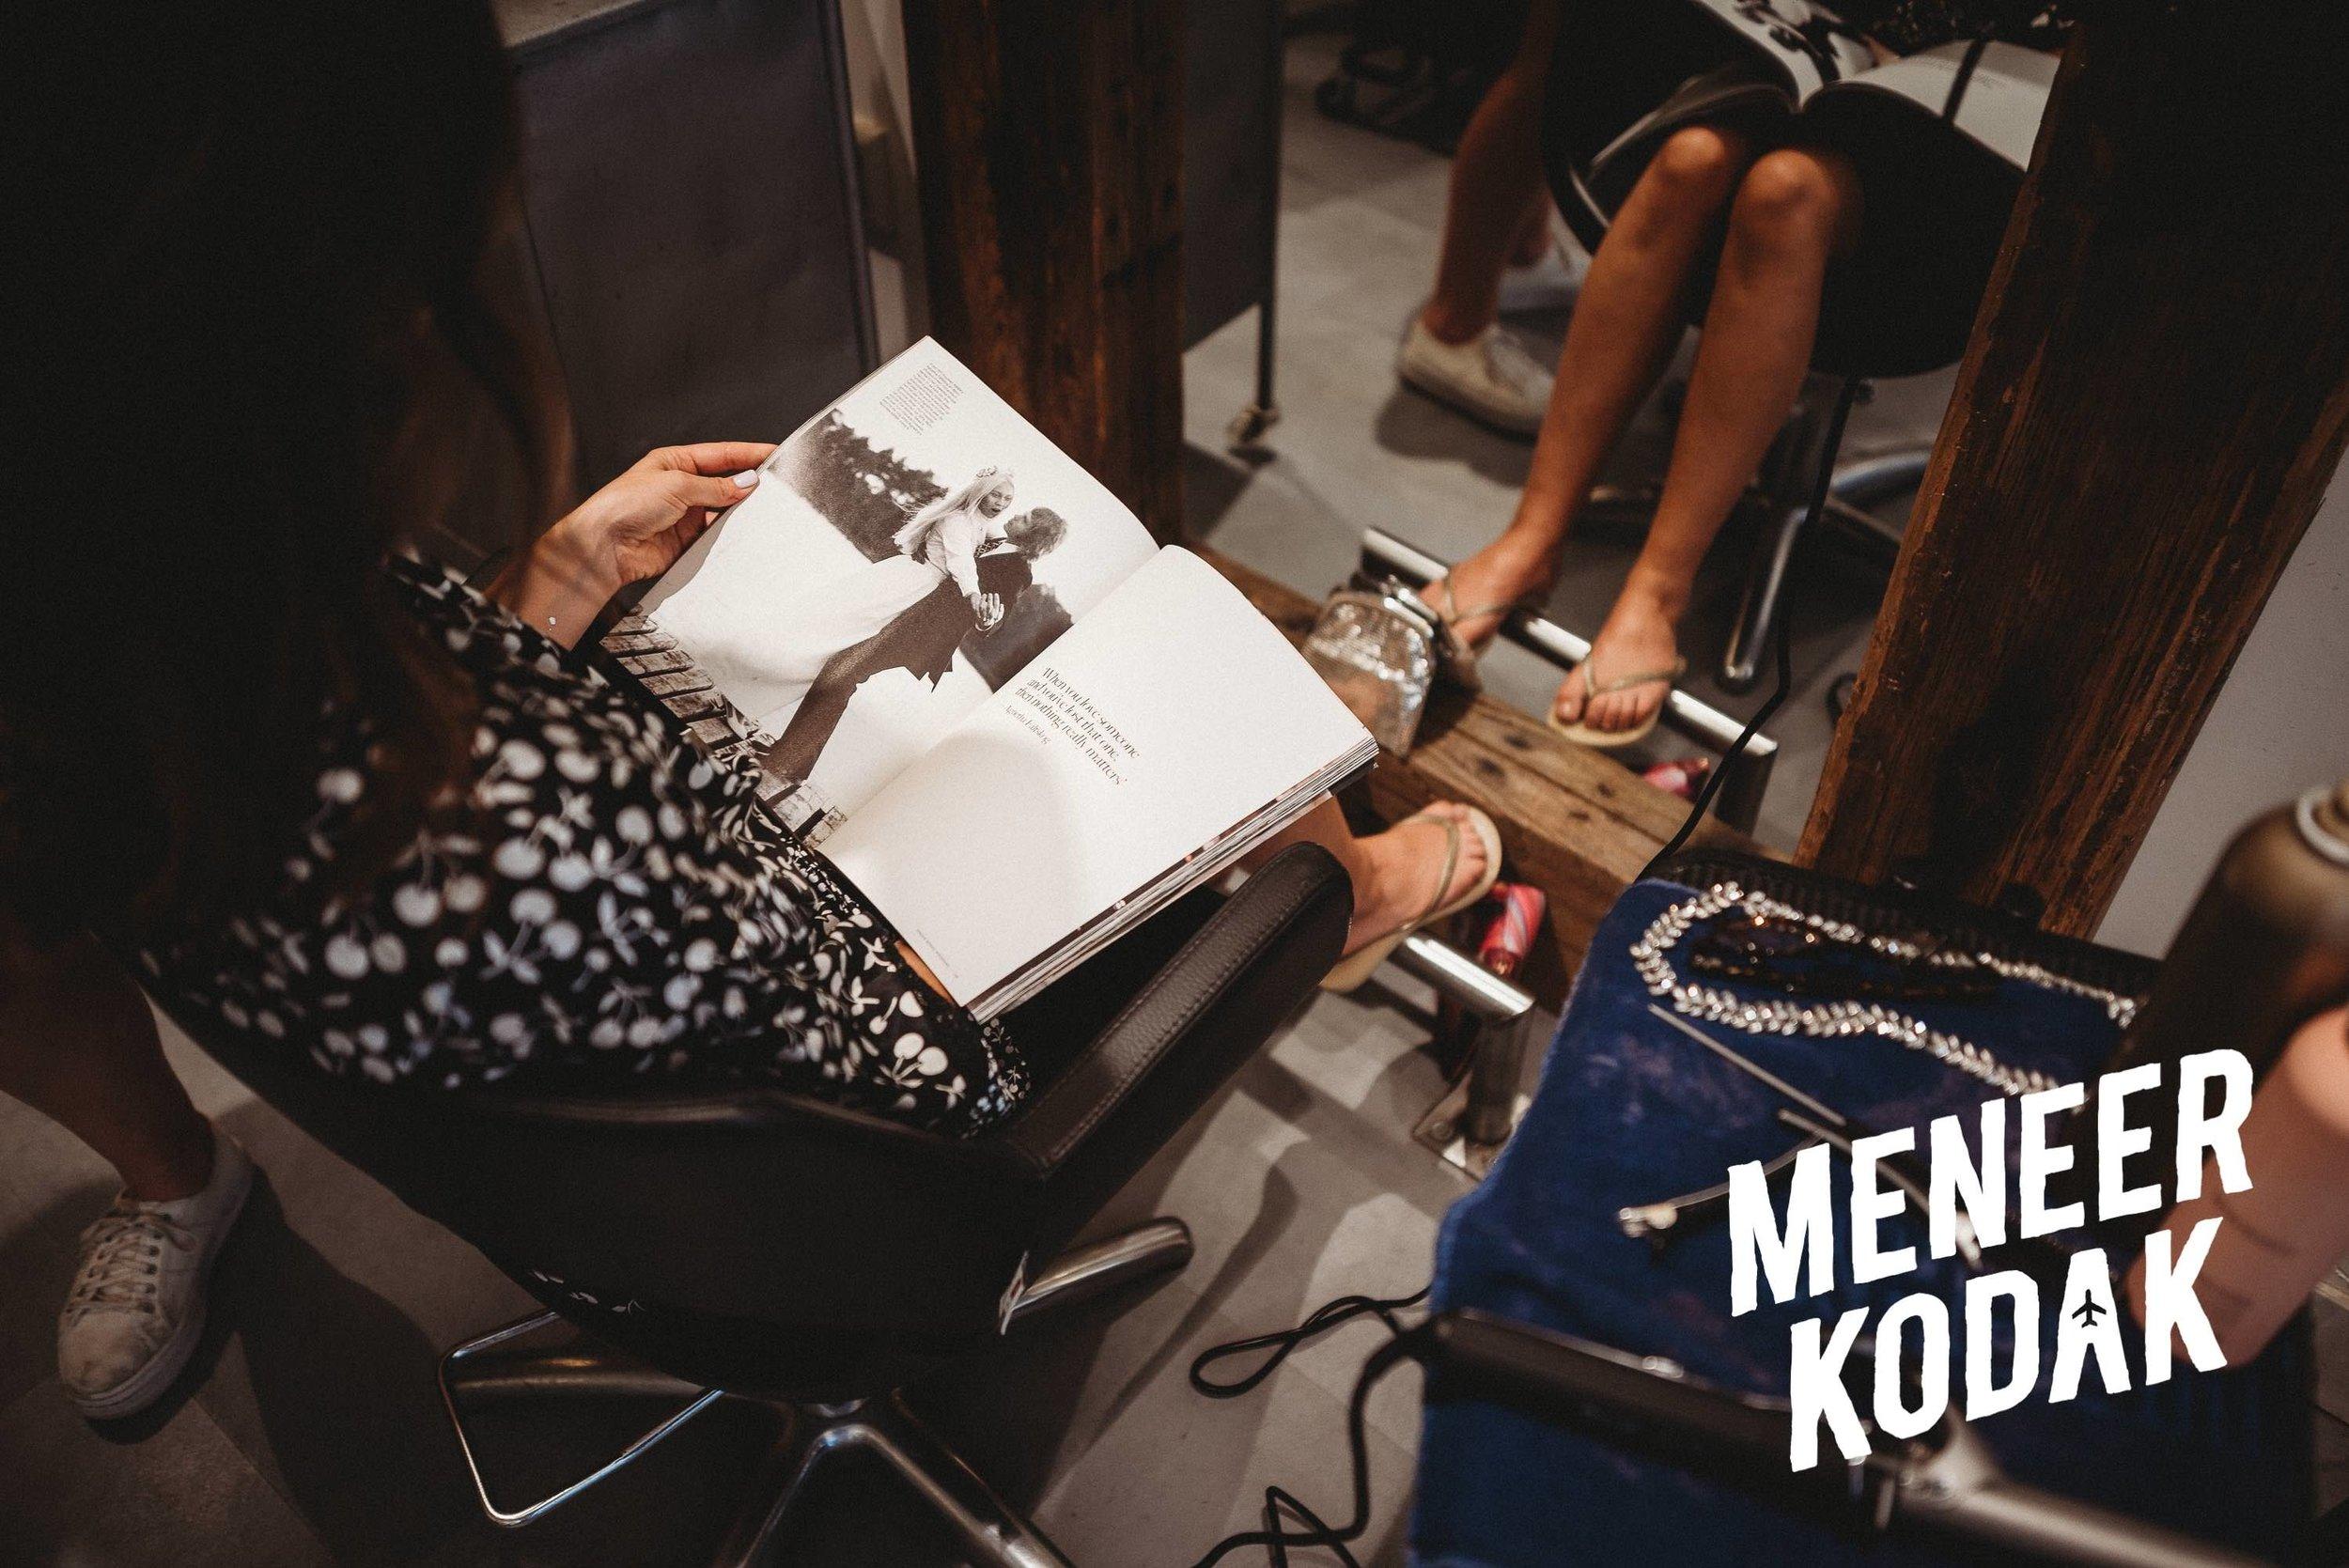 Meneer Kodak - Trouwfotograaf - Amsterdam - H&T-006.jpg